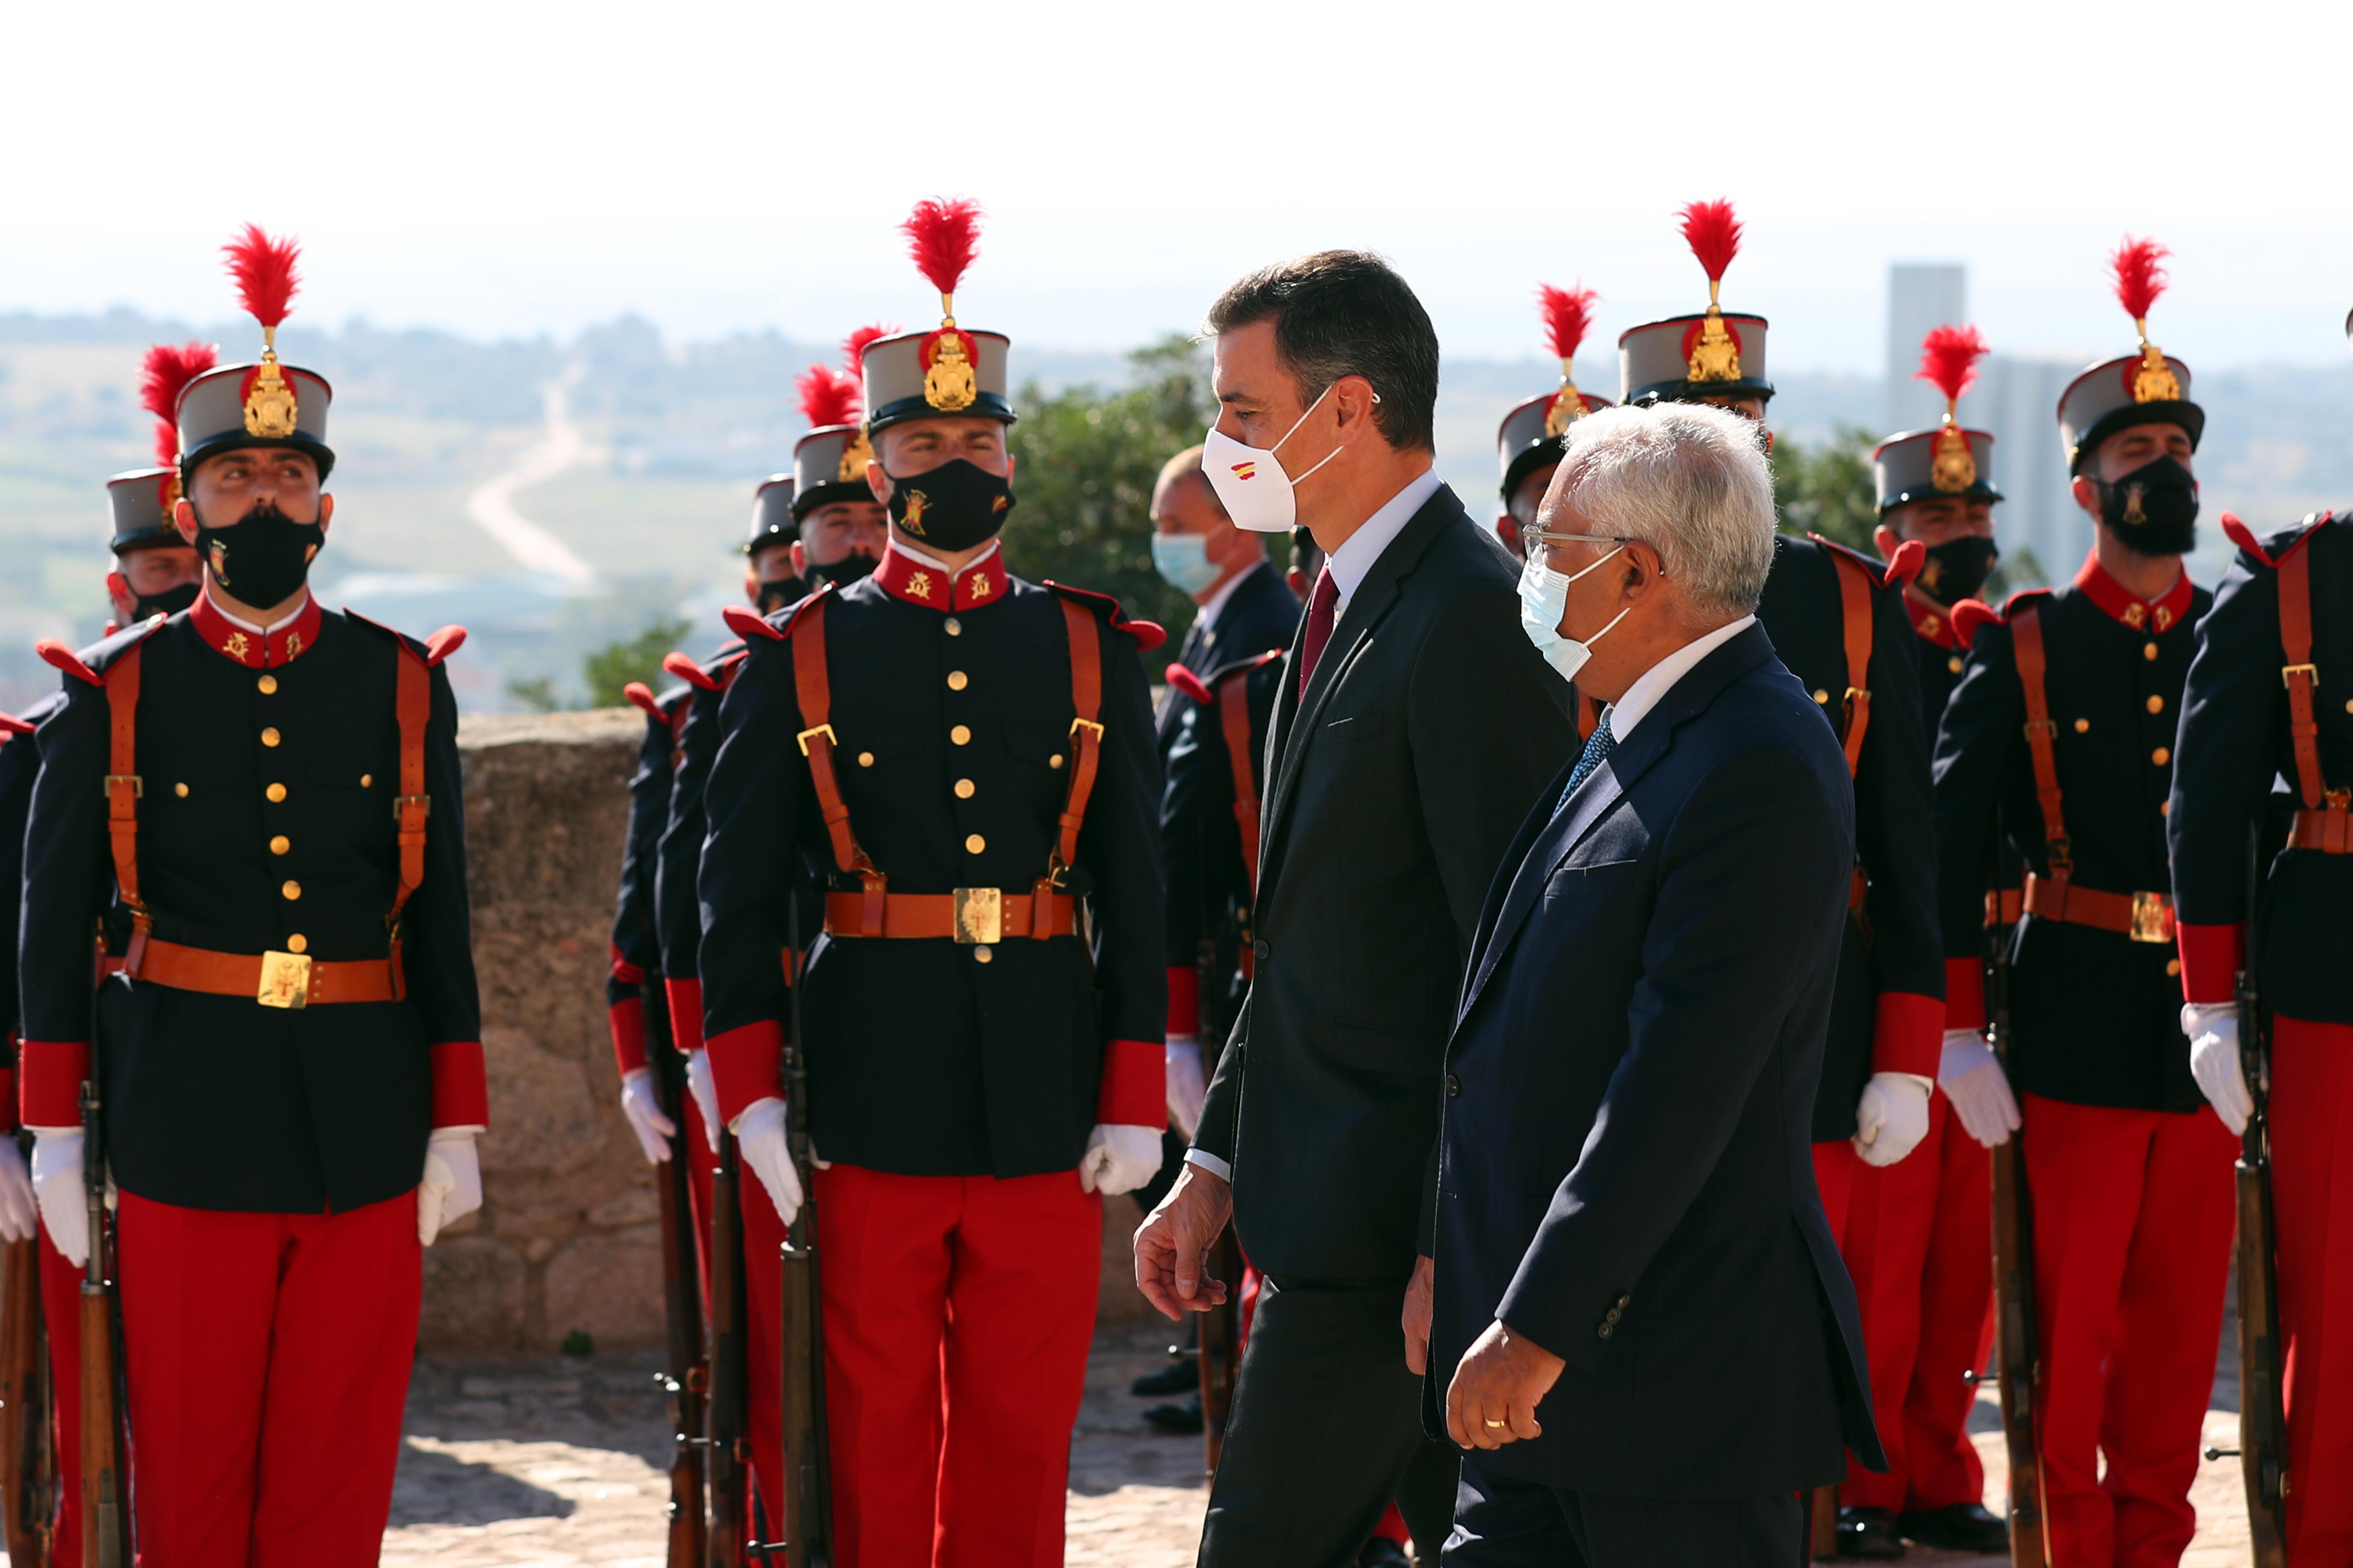 Governo português recebido com honras militares no início de reunião